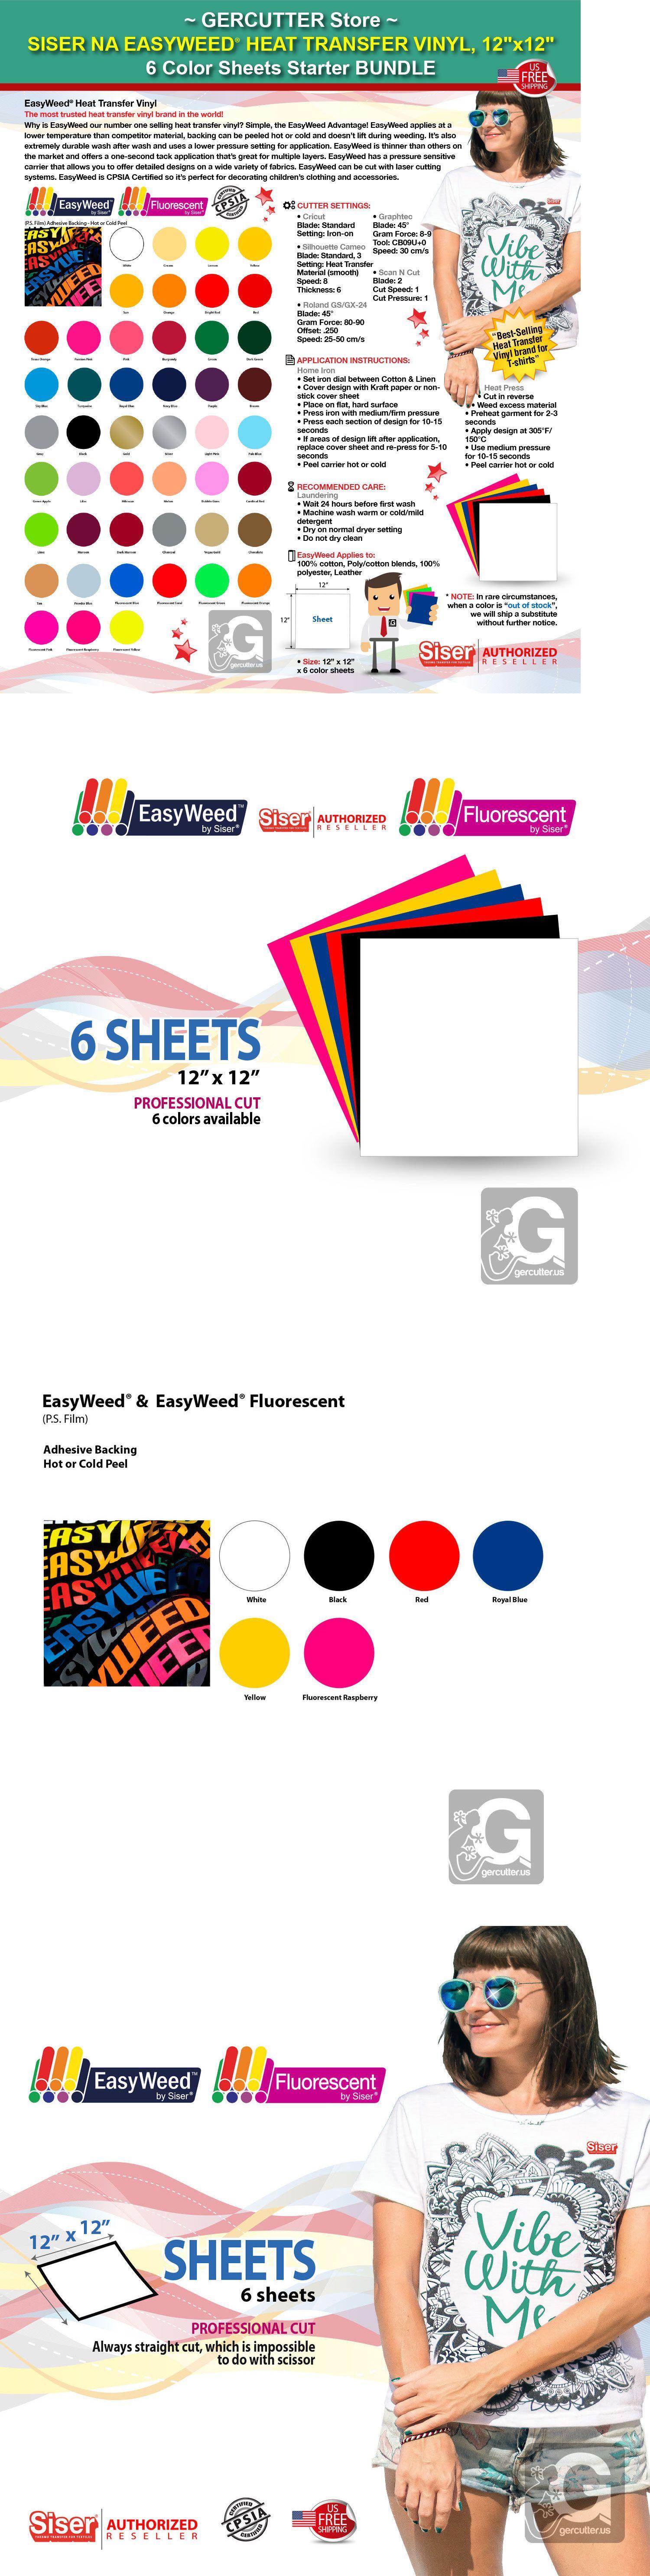 Siser Easyweed Htv Heat Transfer Vinyl 12 X 12 6 Color Sheets Starter Bundle Ebay Heat Transfer Vinyl Siser Easyweed Vinyl